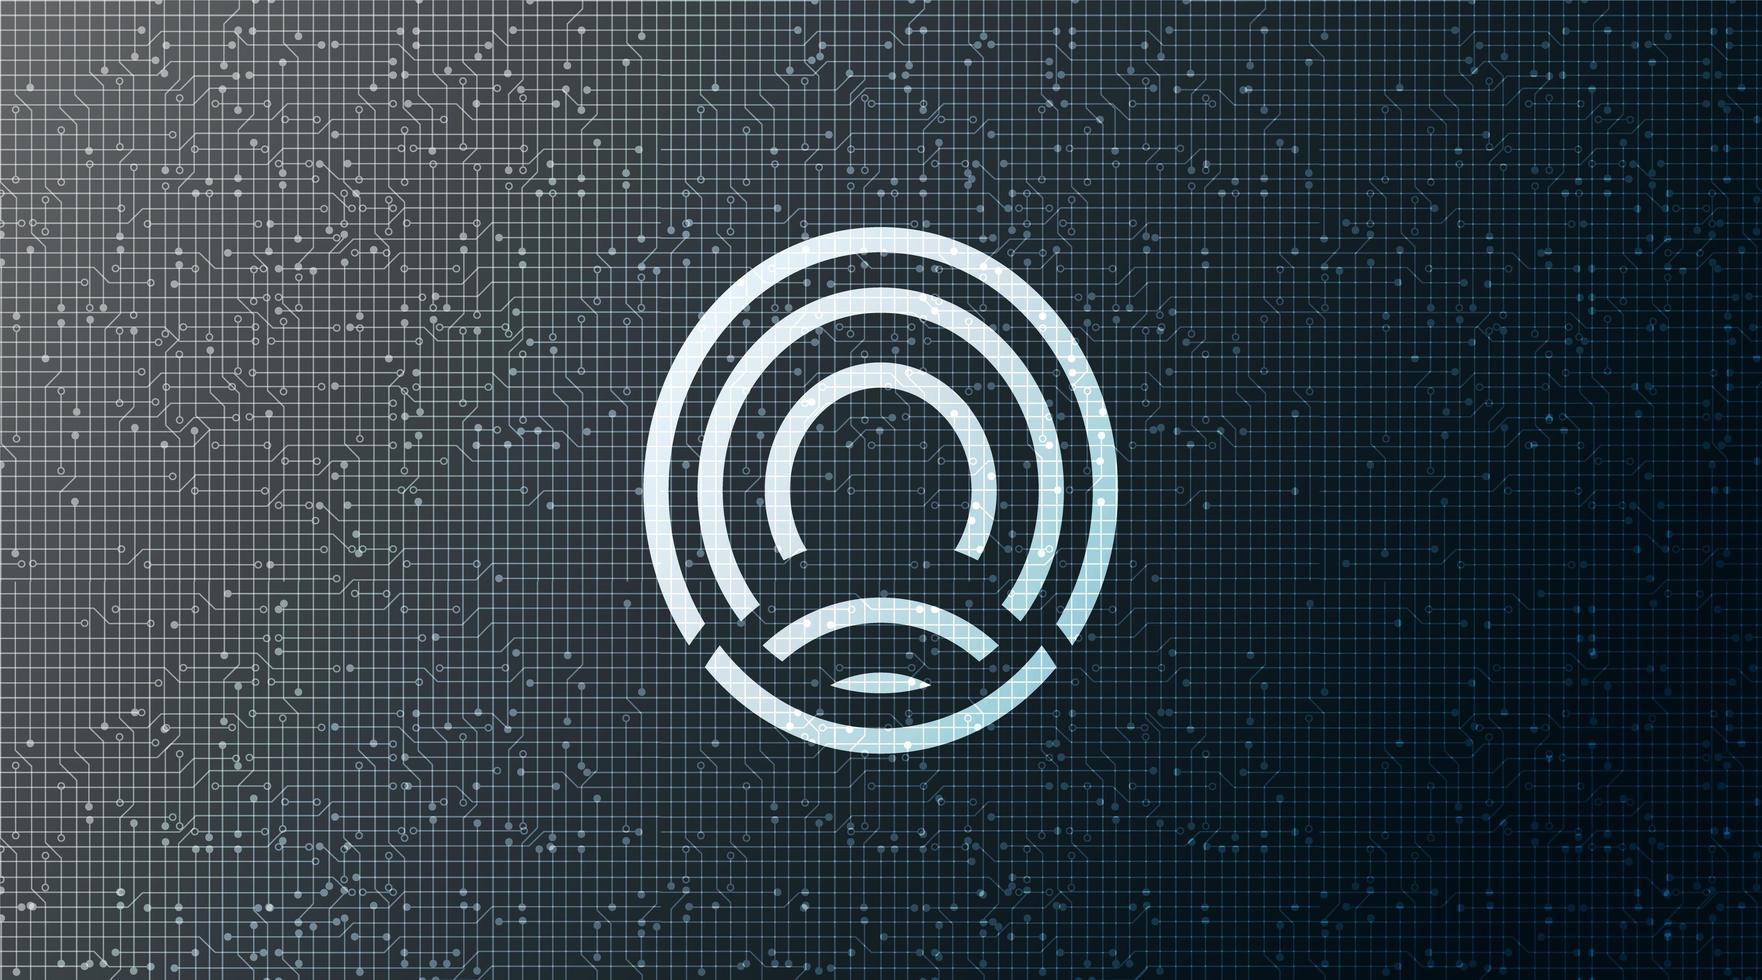 scansione digitale e impronta digitale, concetto di sistema di identificazione della scansione, sullo sfondo del circuito design concept hi-tech e tecnologia, illustrazione vettoriale. vettore